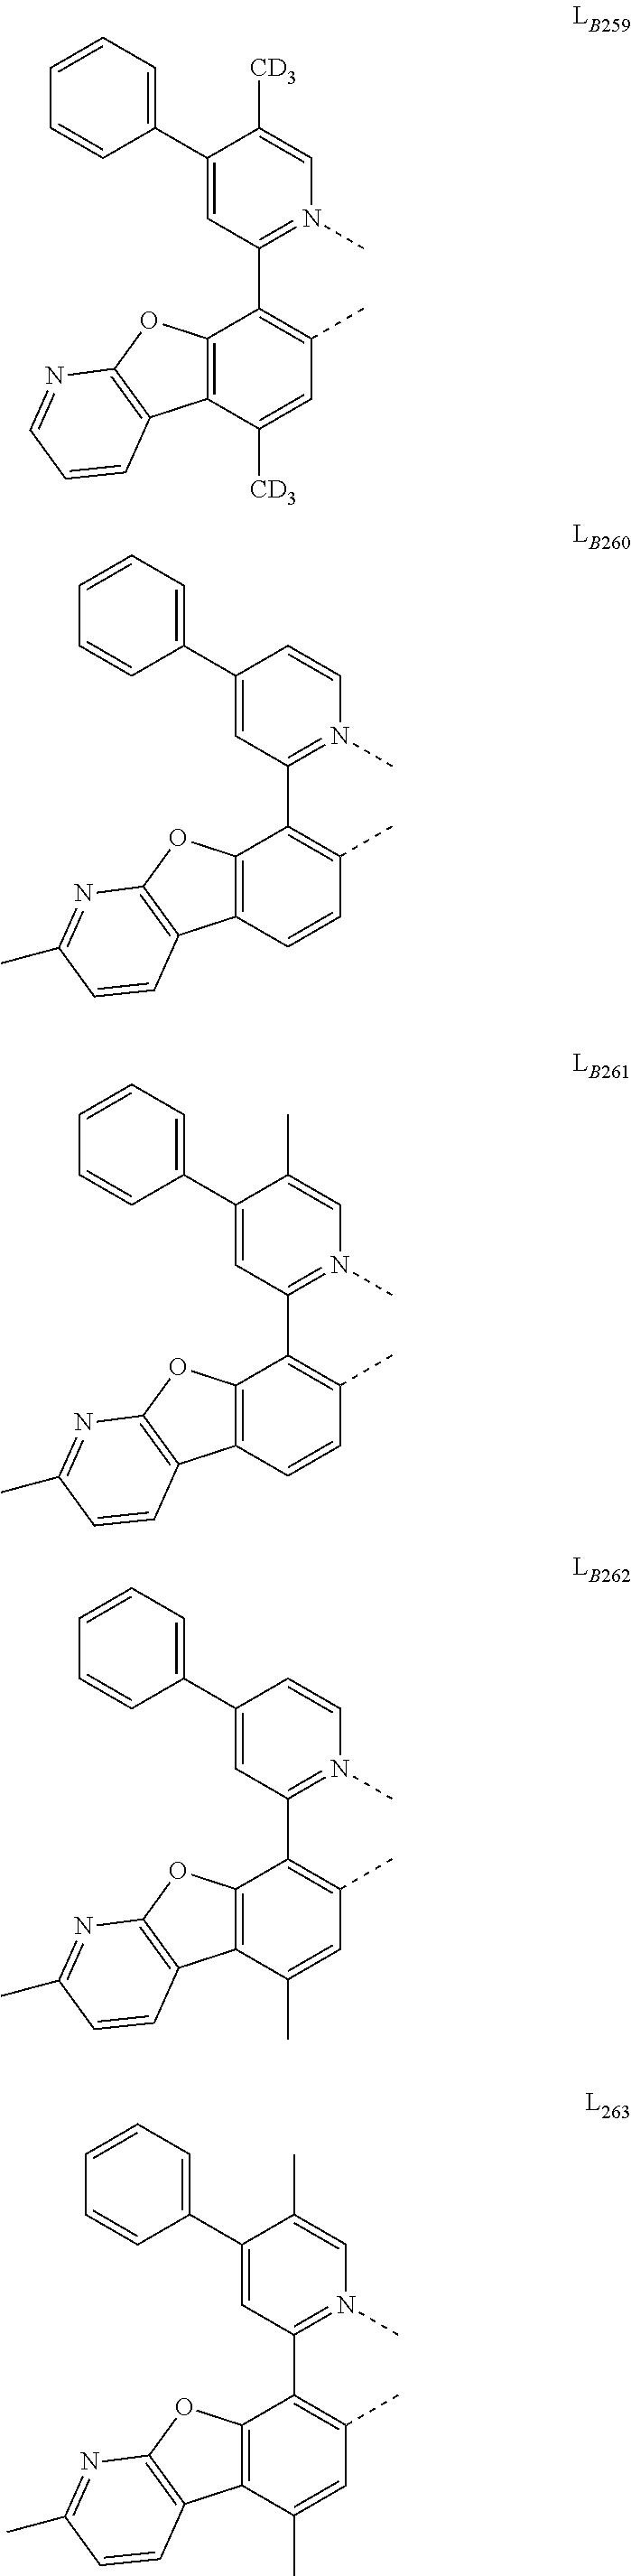 Figure US09929360-20180327-C00270